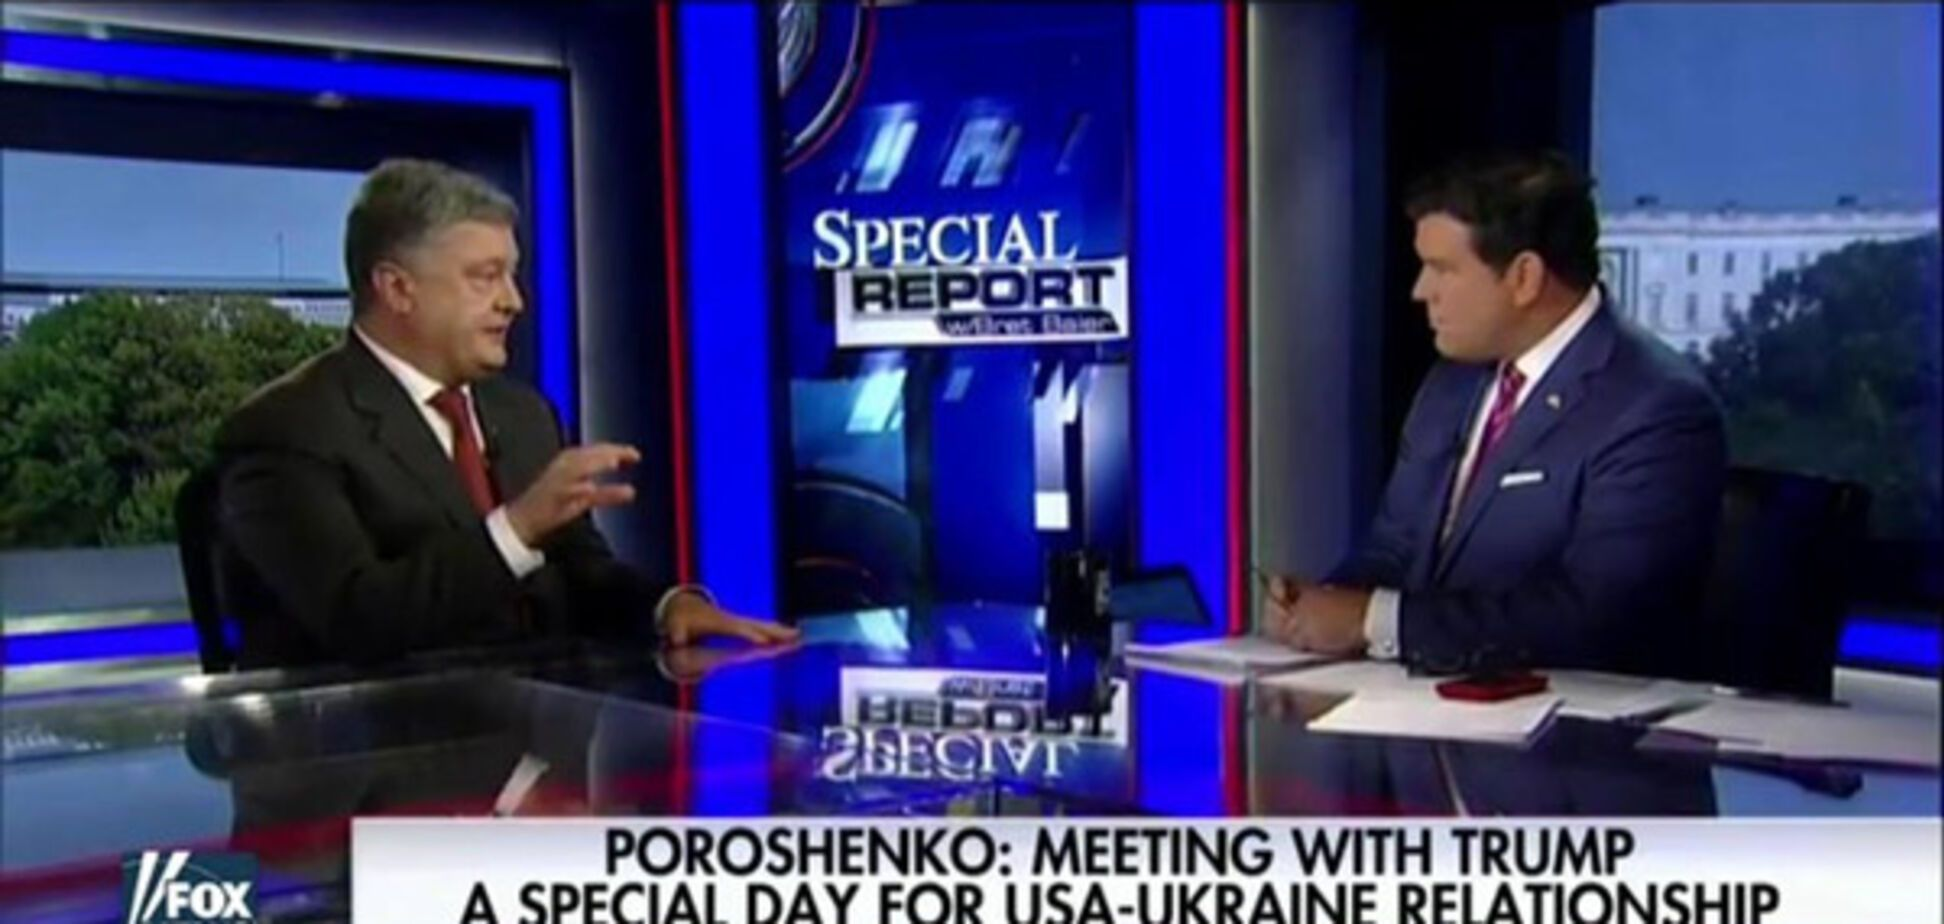 Порошенко в интервью FoxNews: настоящая Украина рождается сейчас